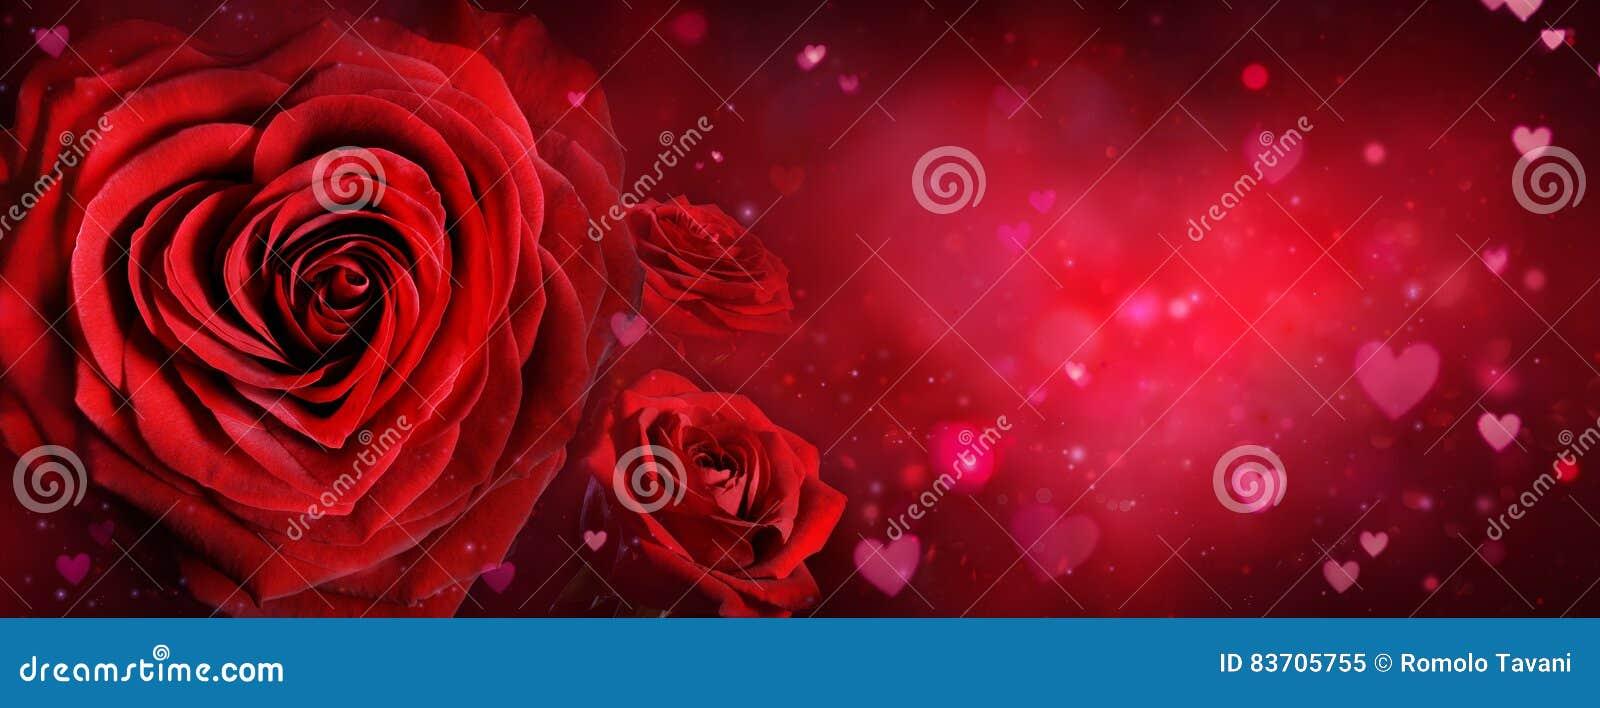 Карточка валентинки - розы и сердца